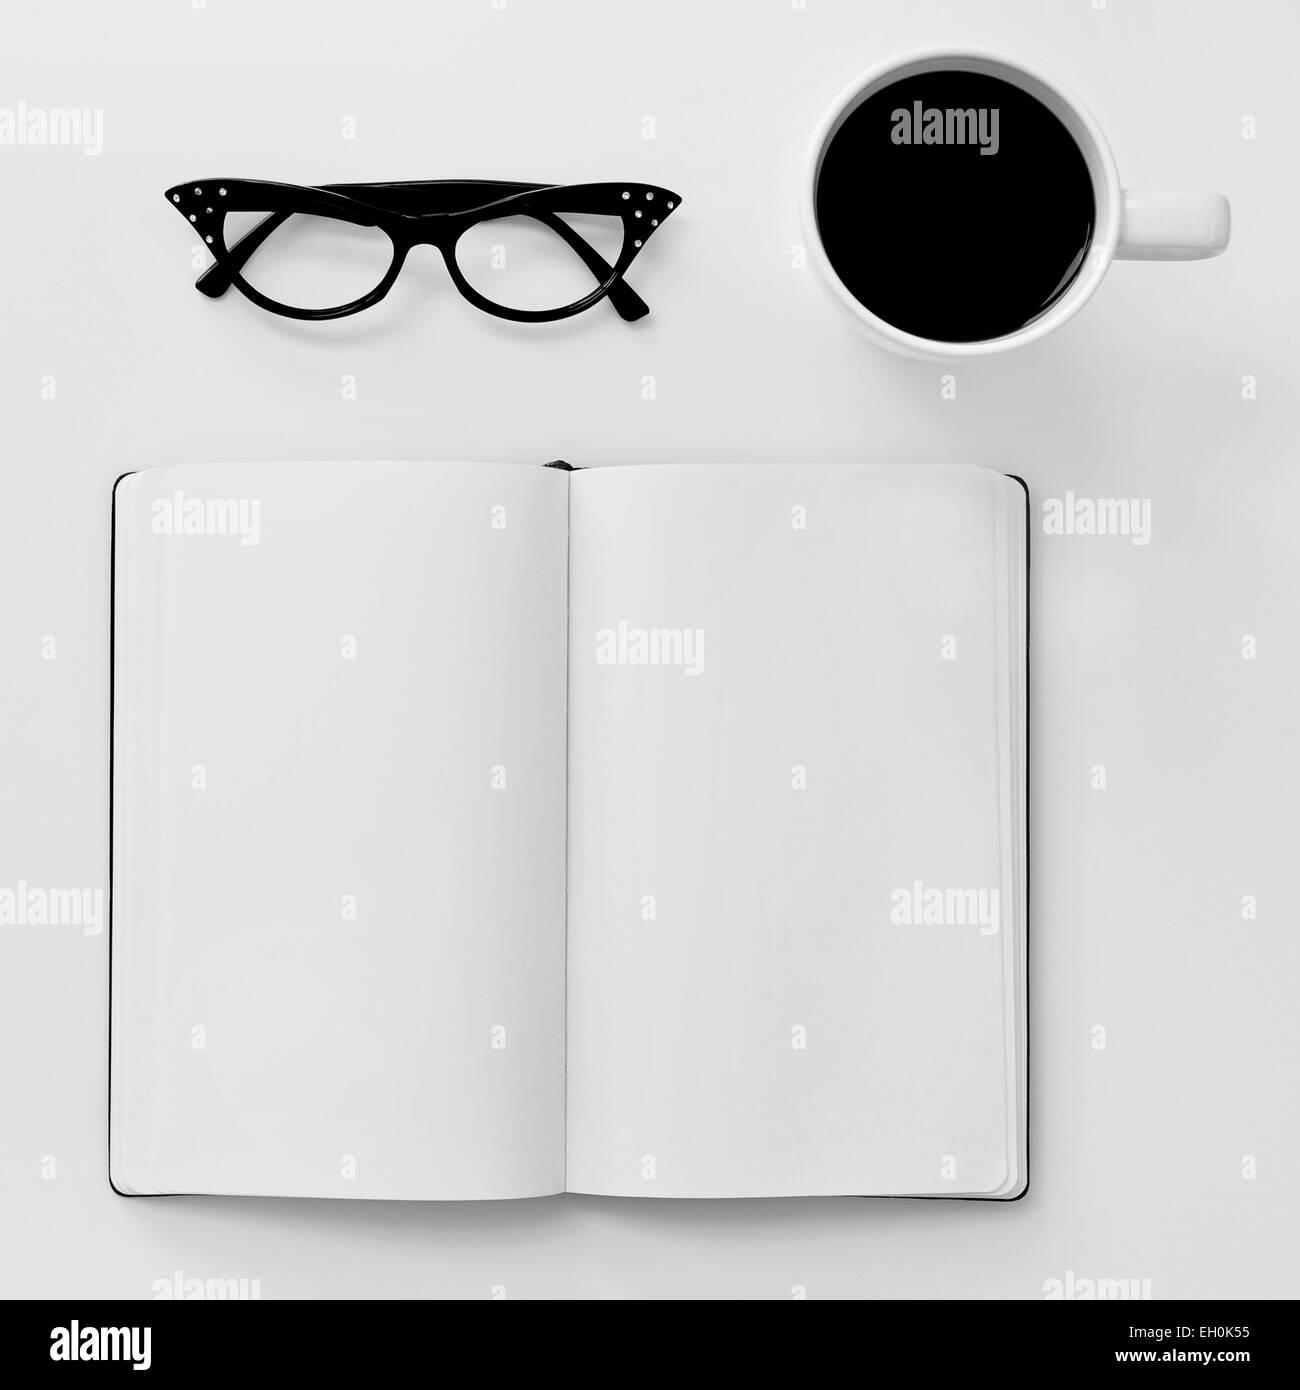 Capture d'un grand angle d'un ordinateur portable, une paire de lunettes cerclées de noir en plastique Photo Stock